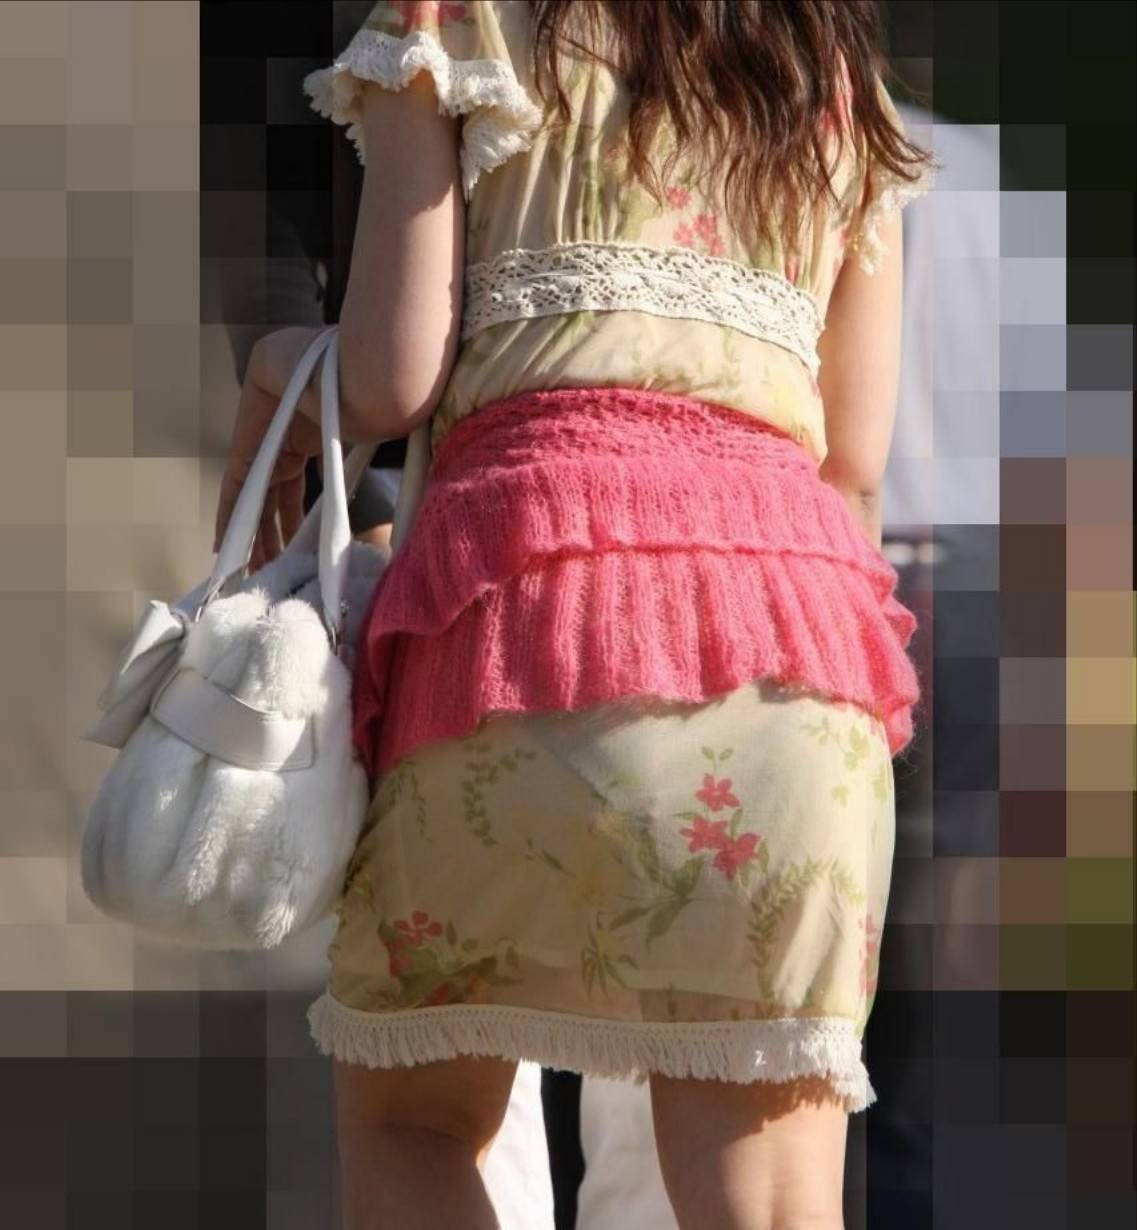 街で女のお尻を直視するのがワイの嗜み!高確率で透けパンツに出会えるぞぉーwww 1146